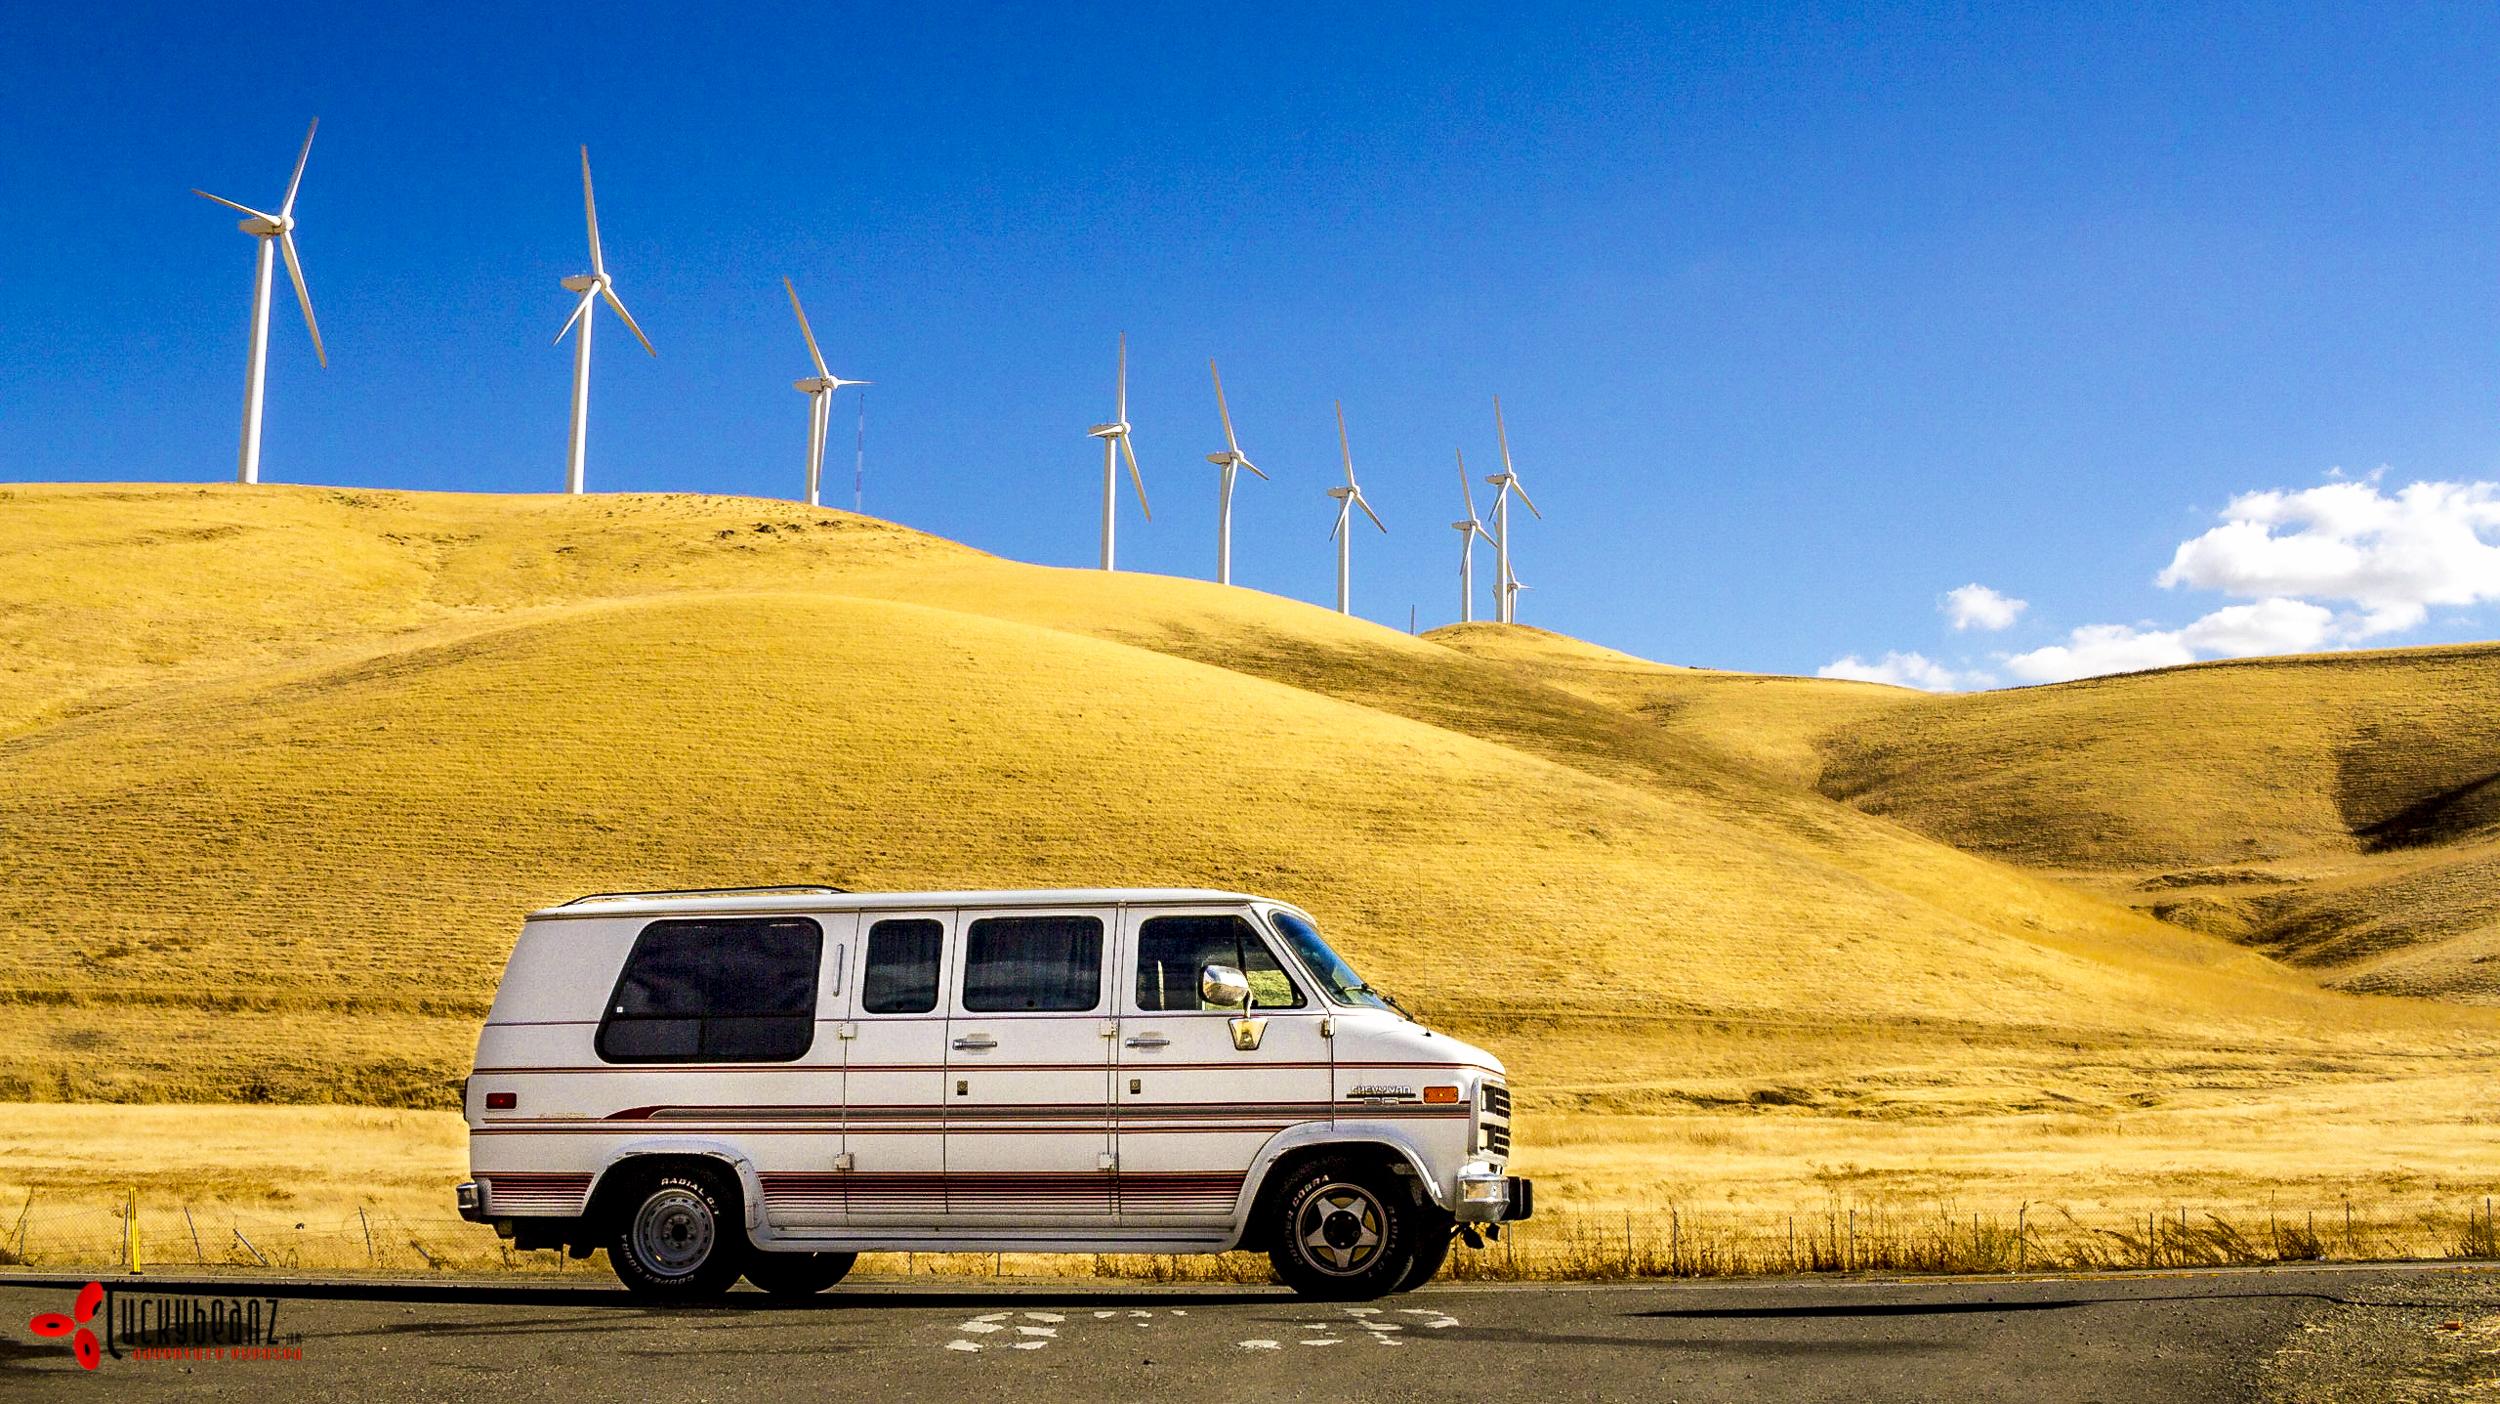 The Van.